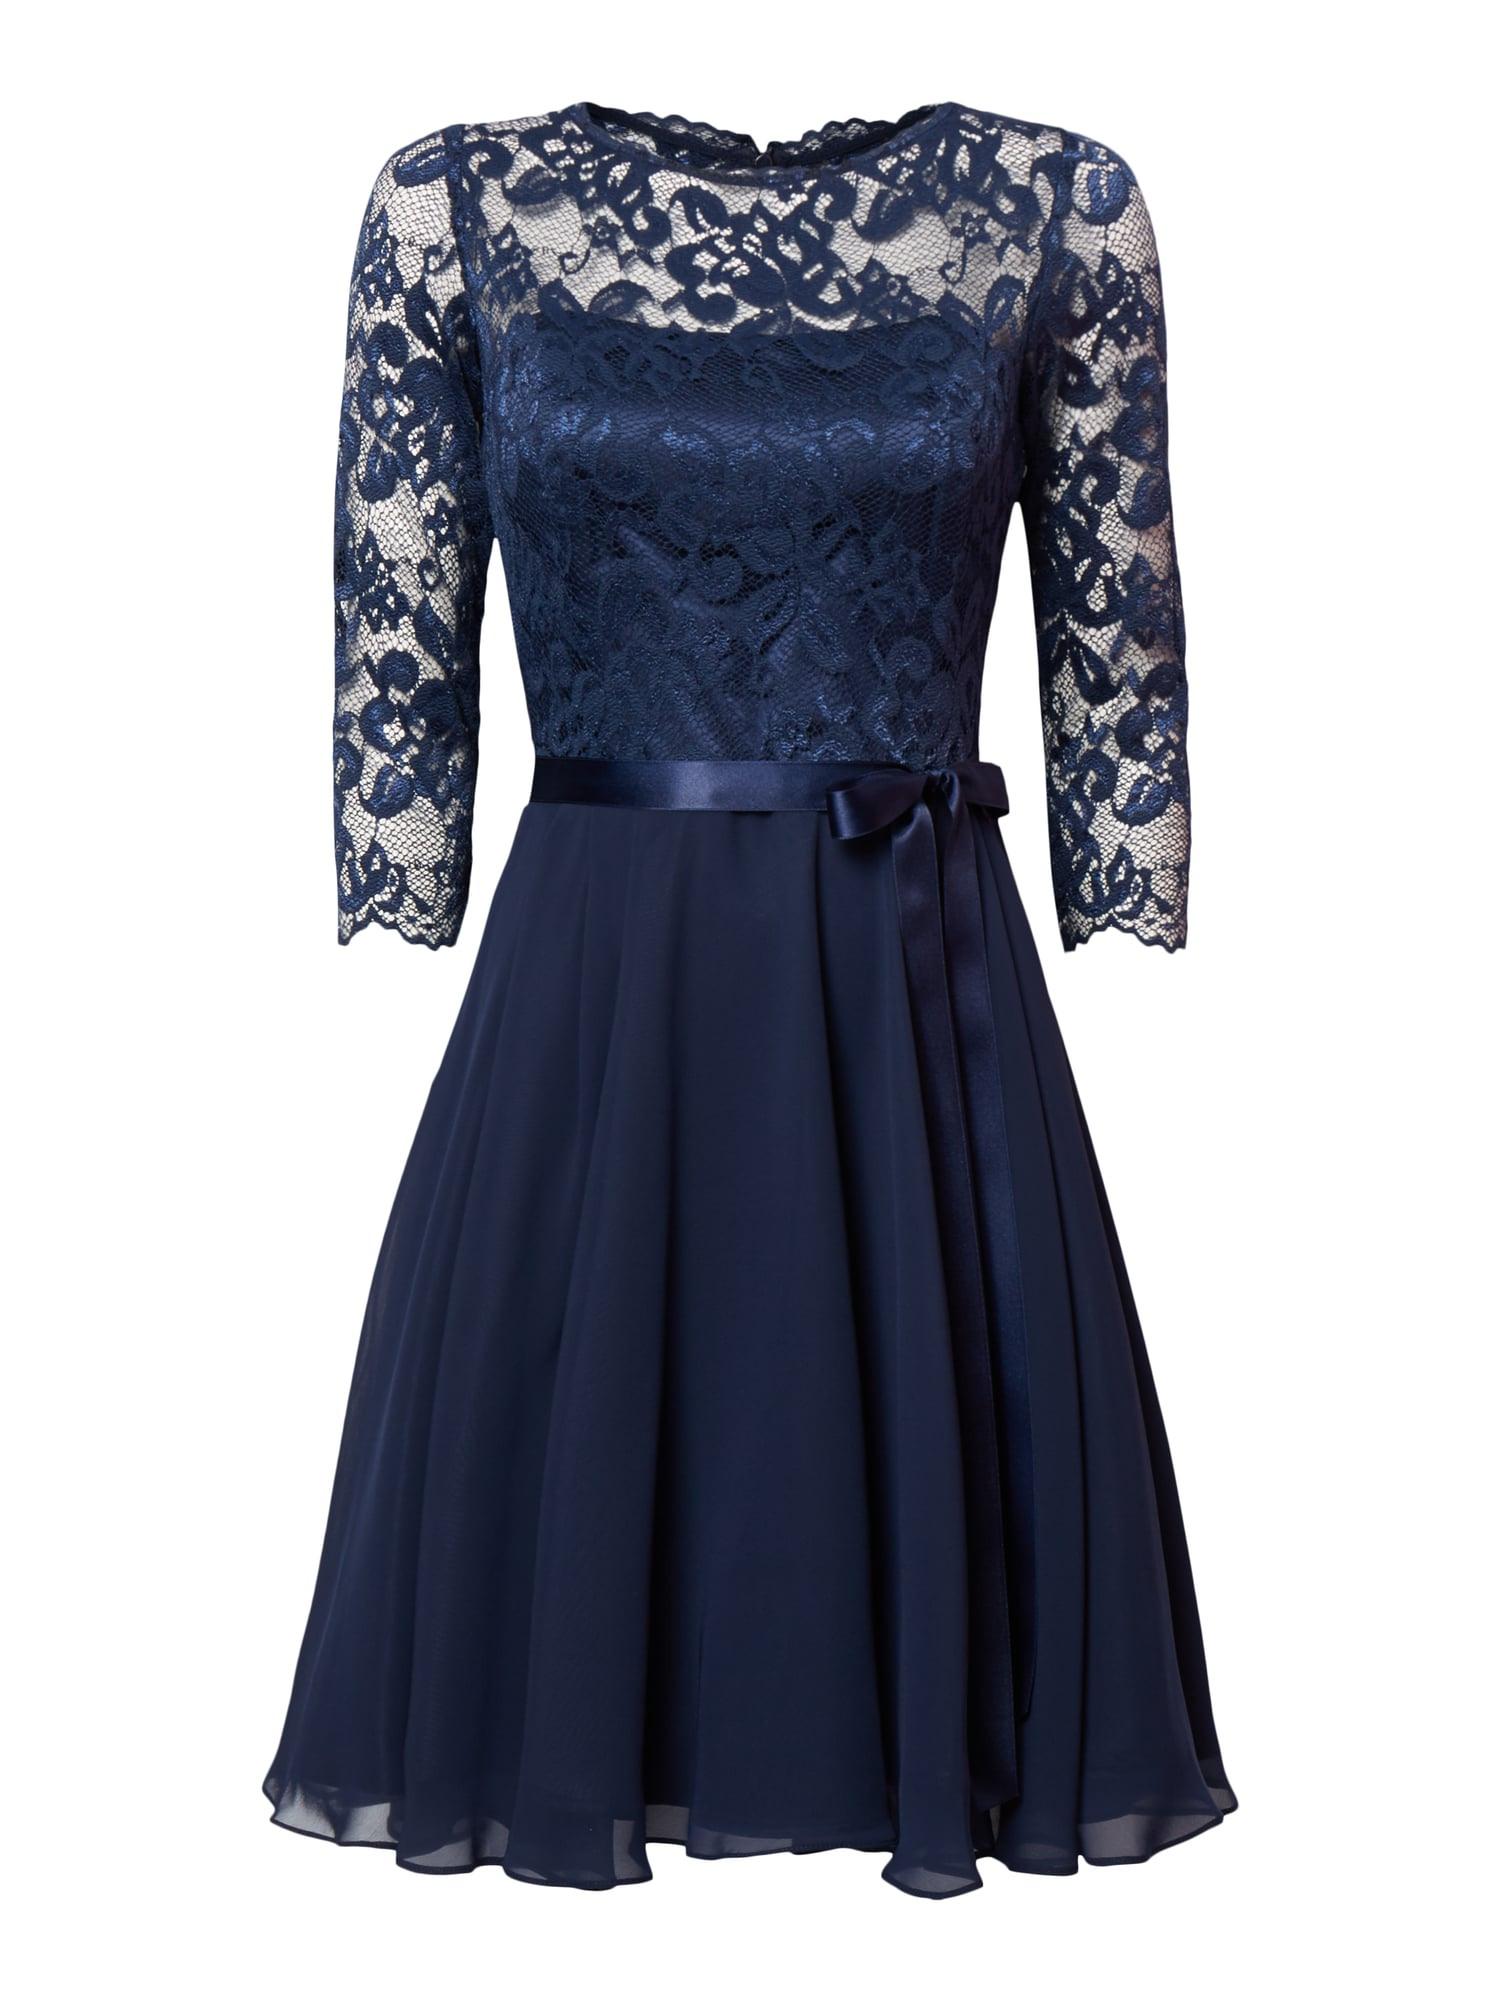 Abend Fantastisch Dunkelblaues Kleid Mit Spitze Vertrieb Spektakulär Dunkelblaues Kleid Mit Spitze Ärmel